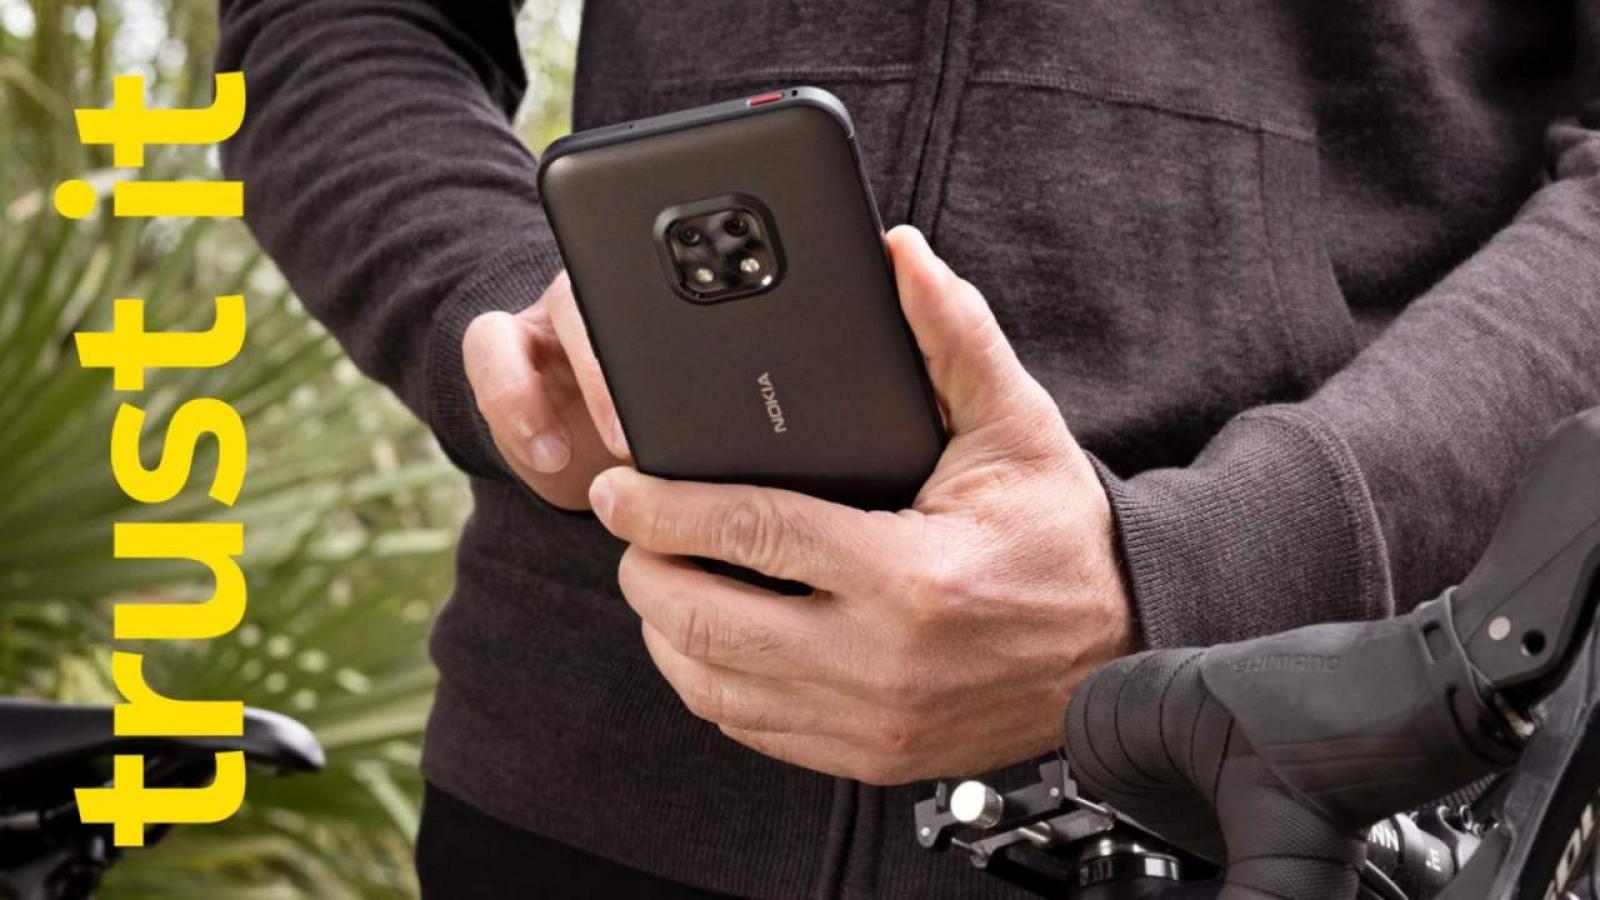 HMD Global lần đầu tiên tung smartphone Nokia siêu bền bỉ